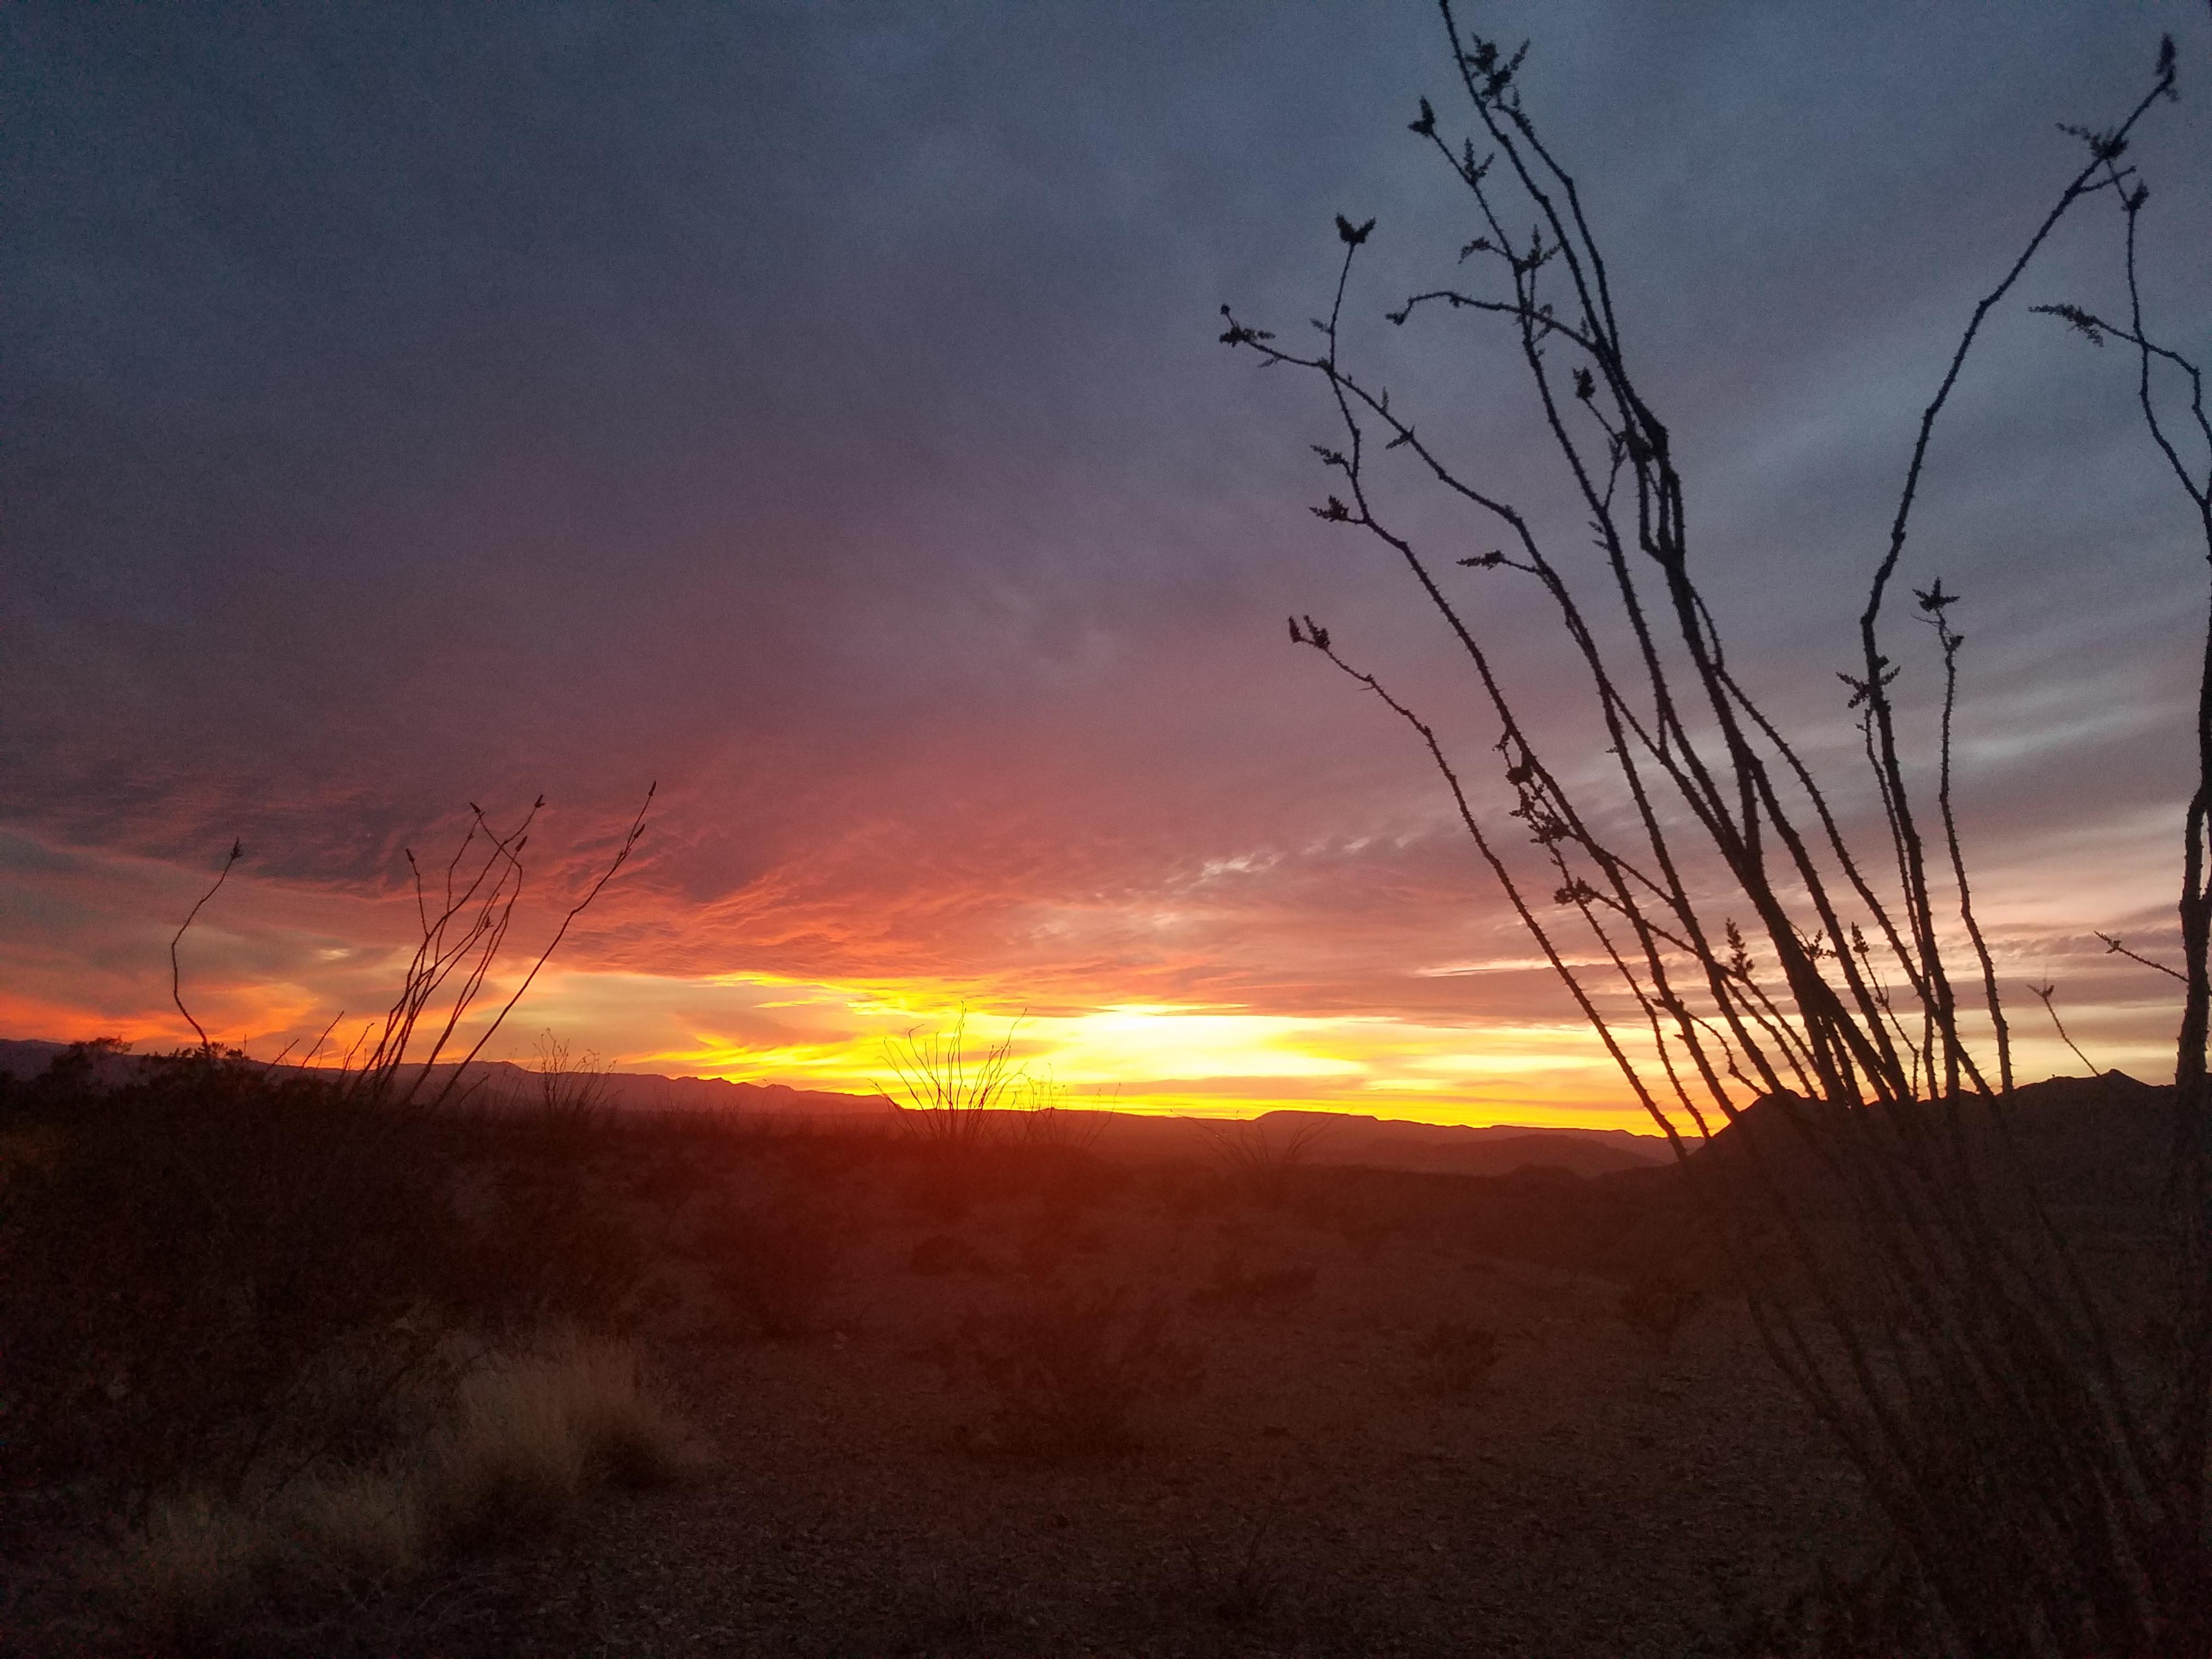 Sunset Visit Big Bend Guides For The Big Bend Region